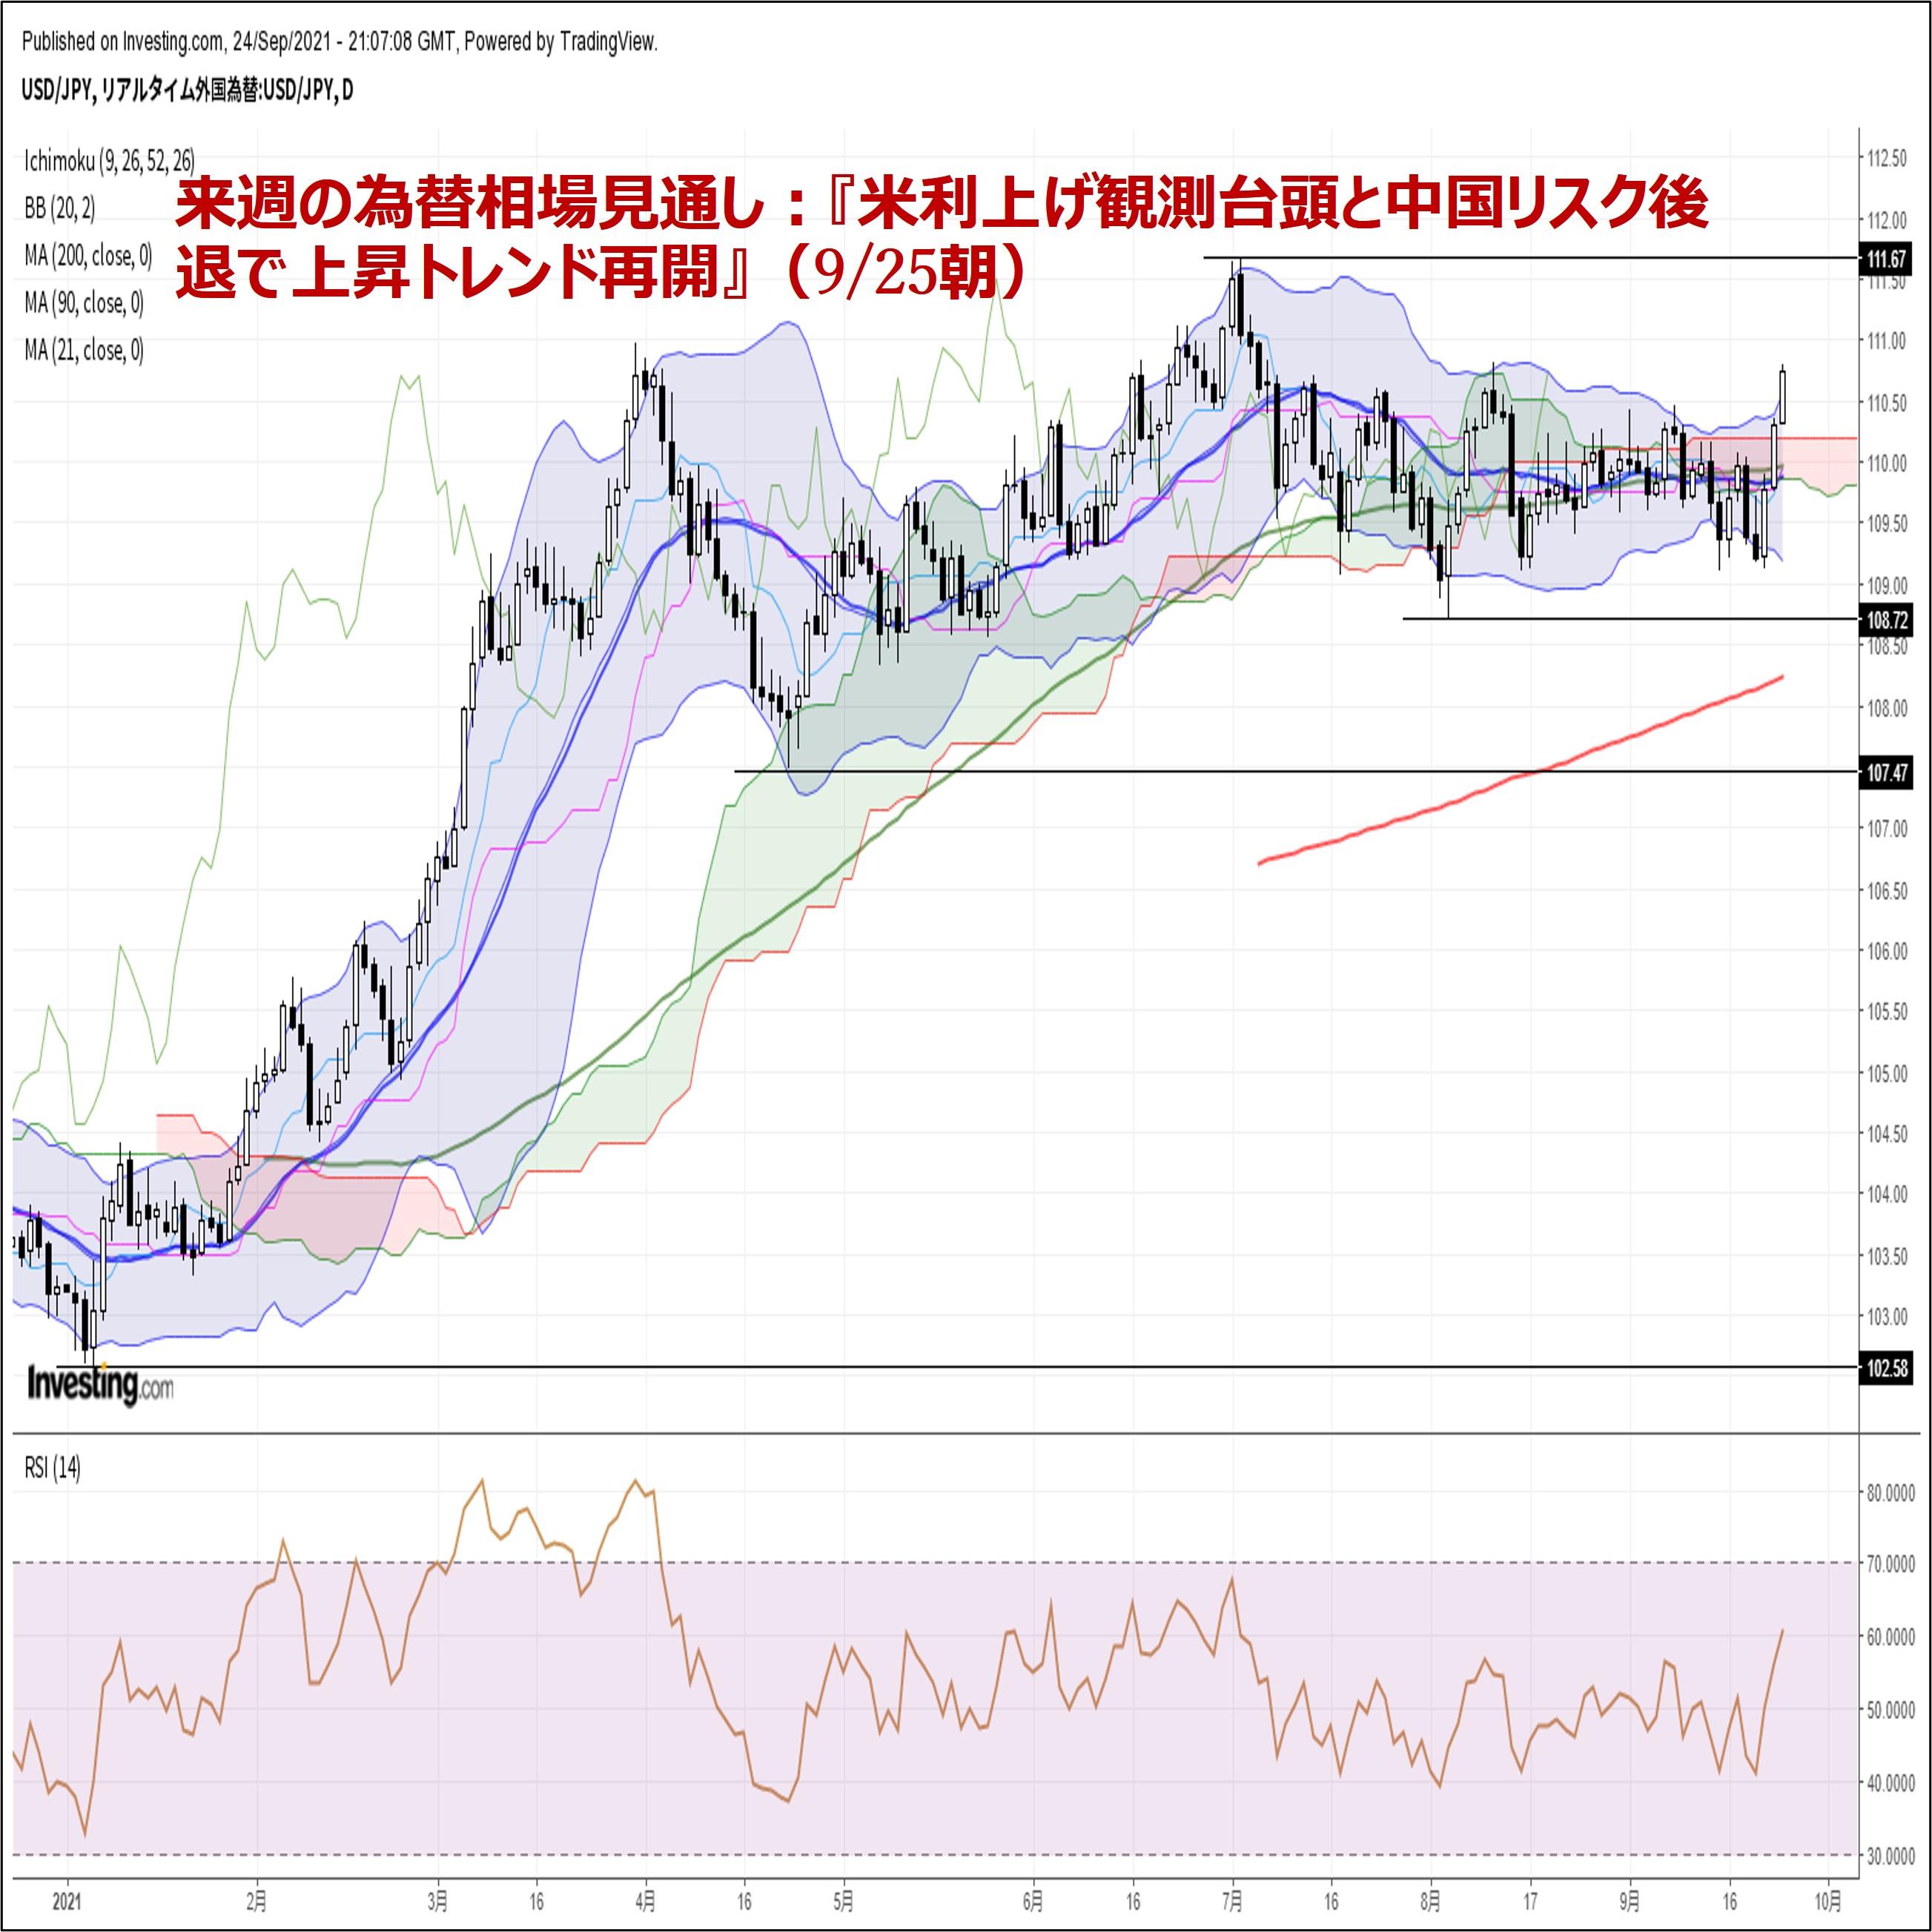 『米利上げ観測台頭と中国リスク後退で上昇トレンド再開』